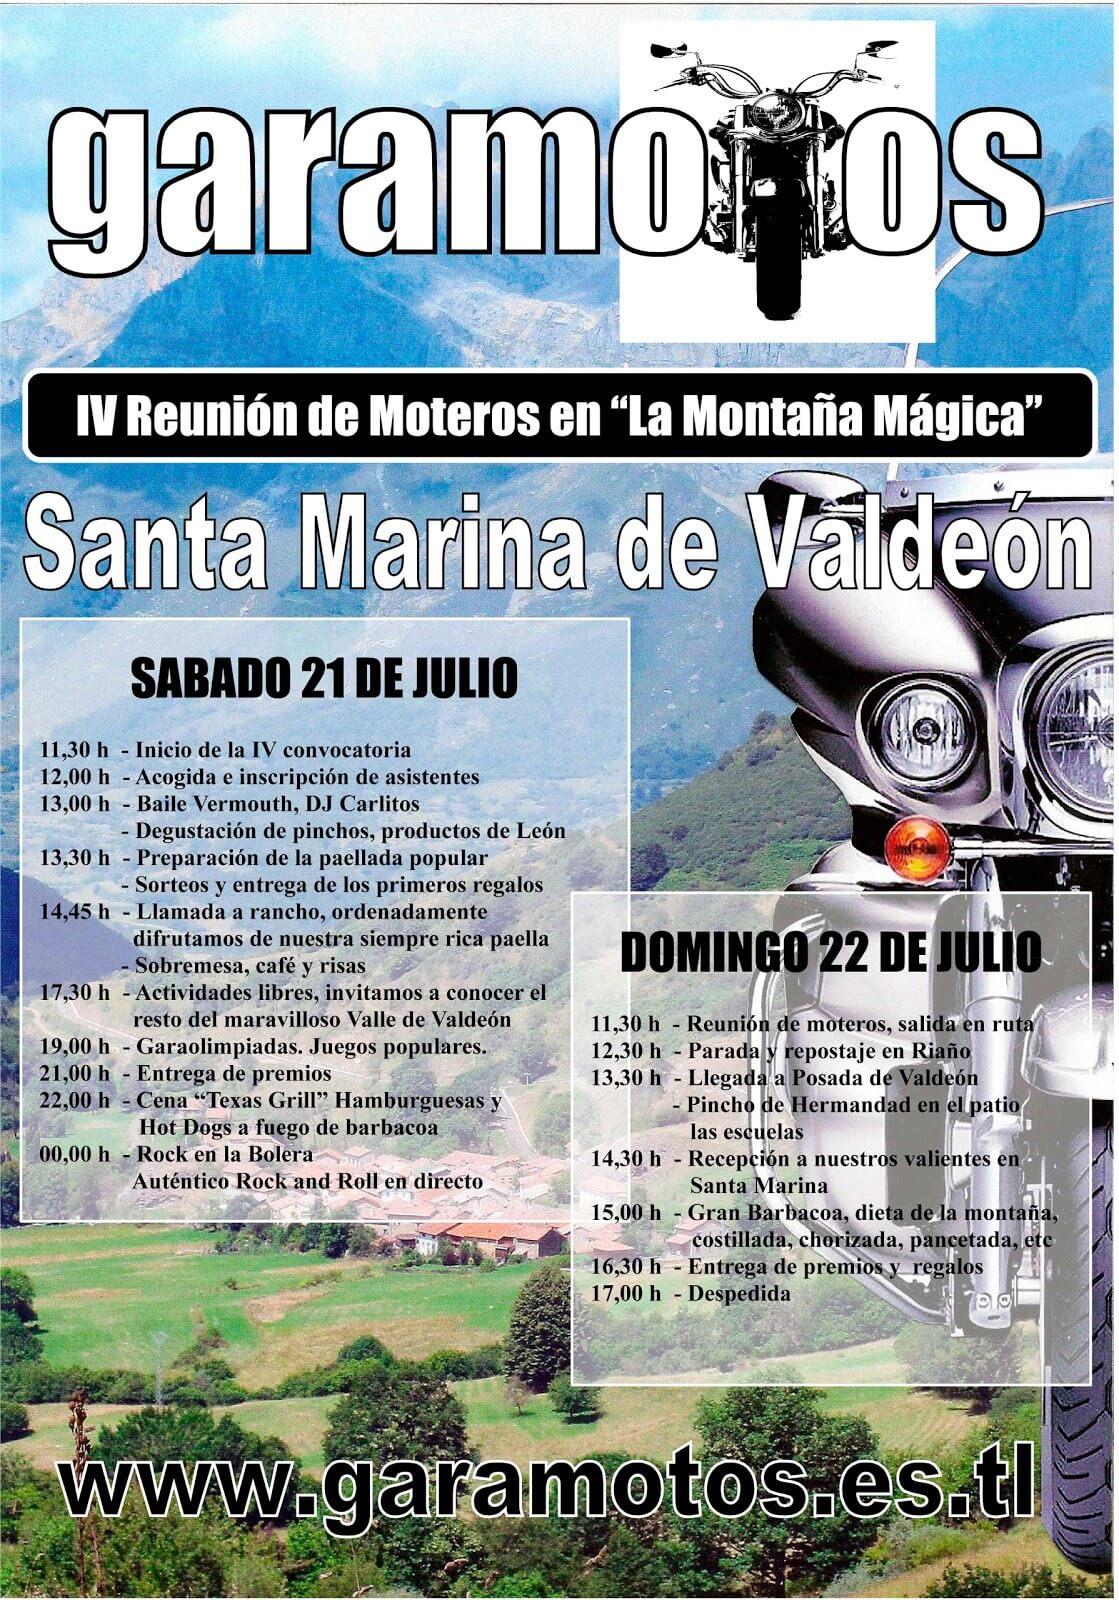 GARAMOTOS, La concentración de motos más alta de España!!